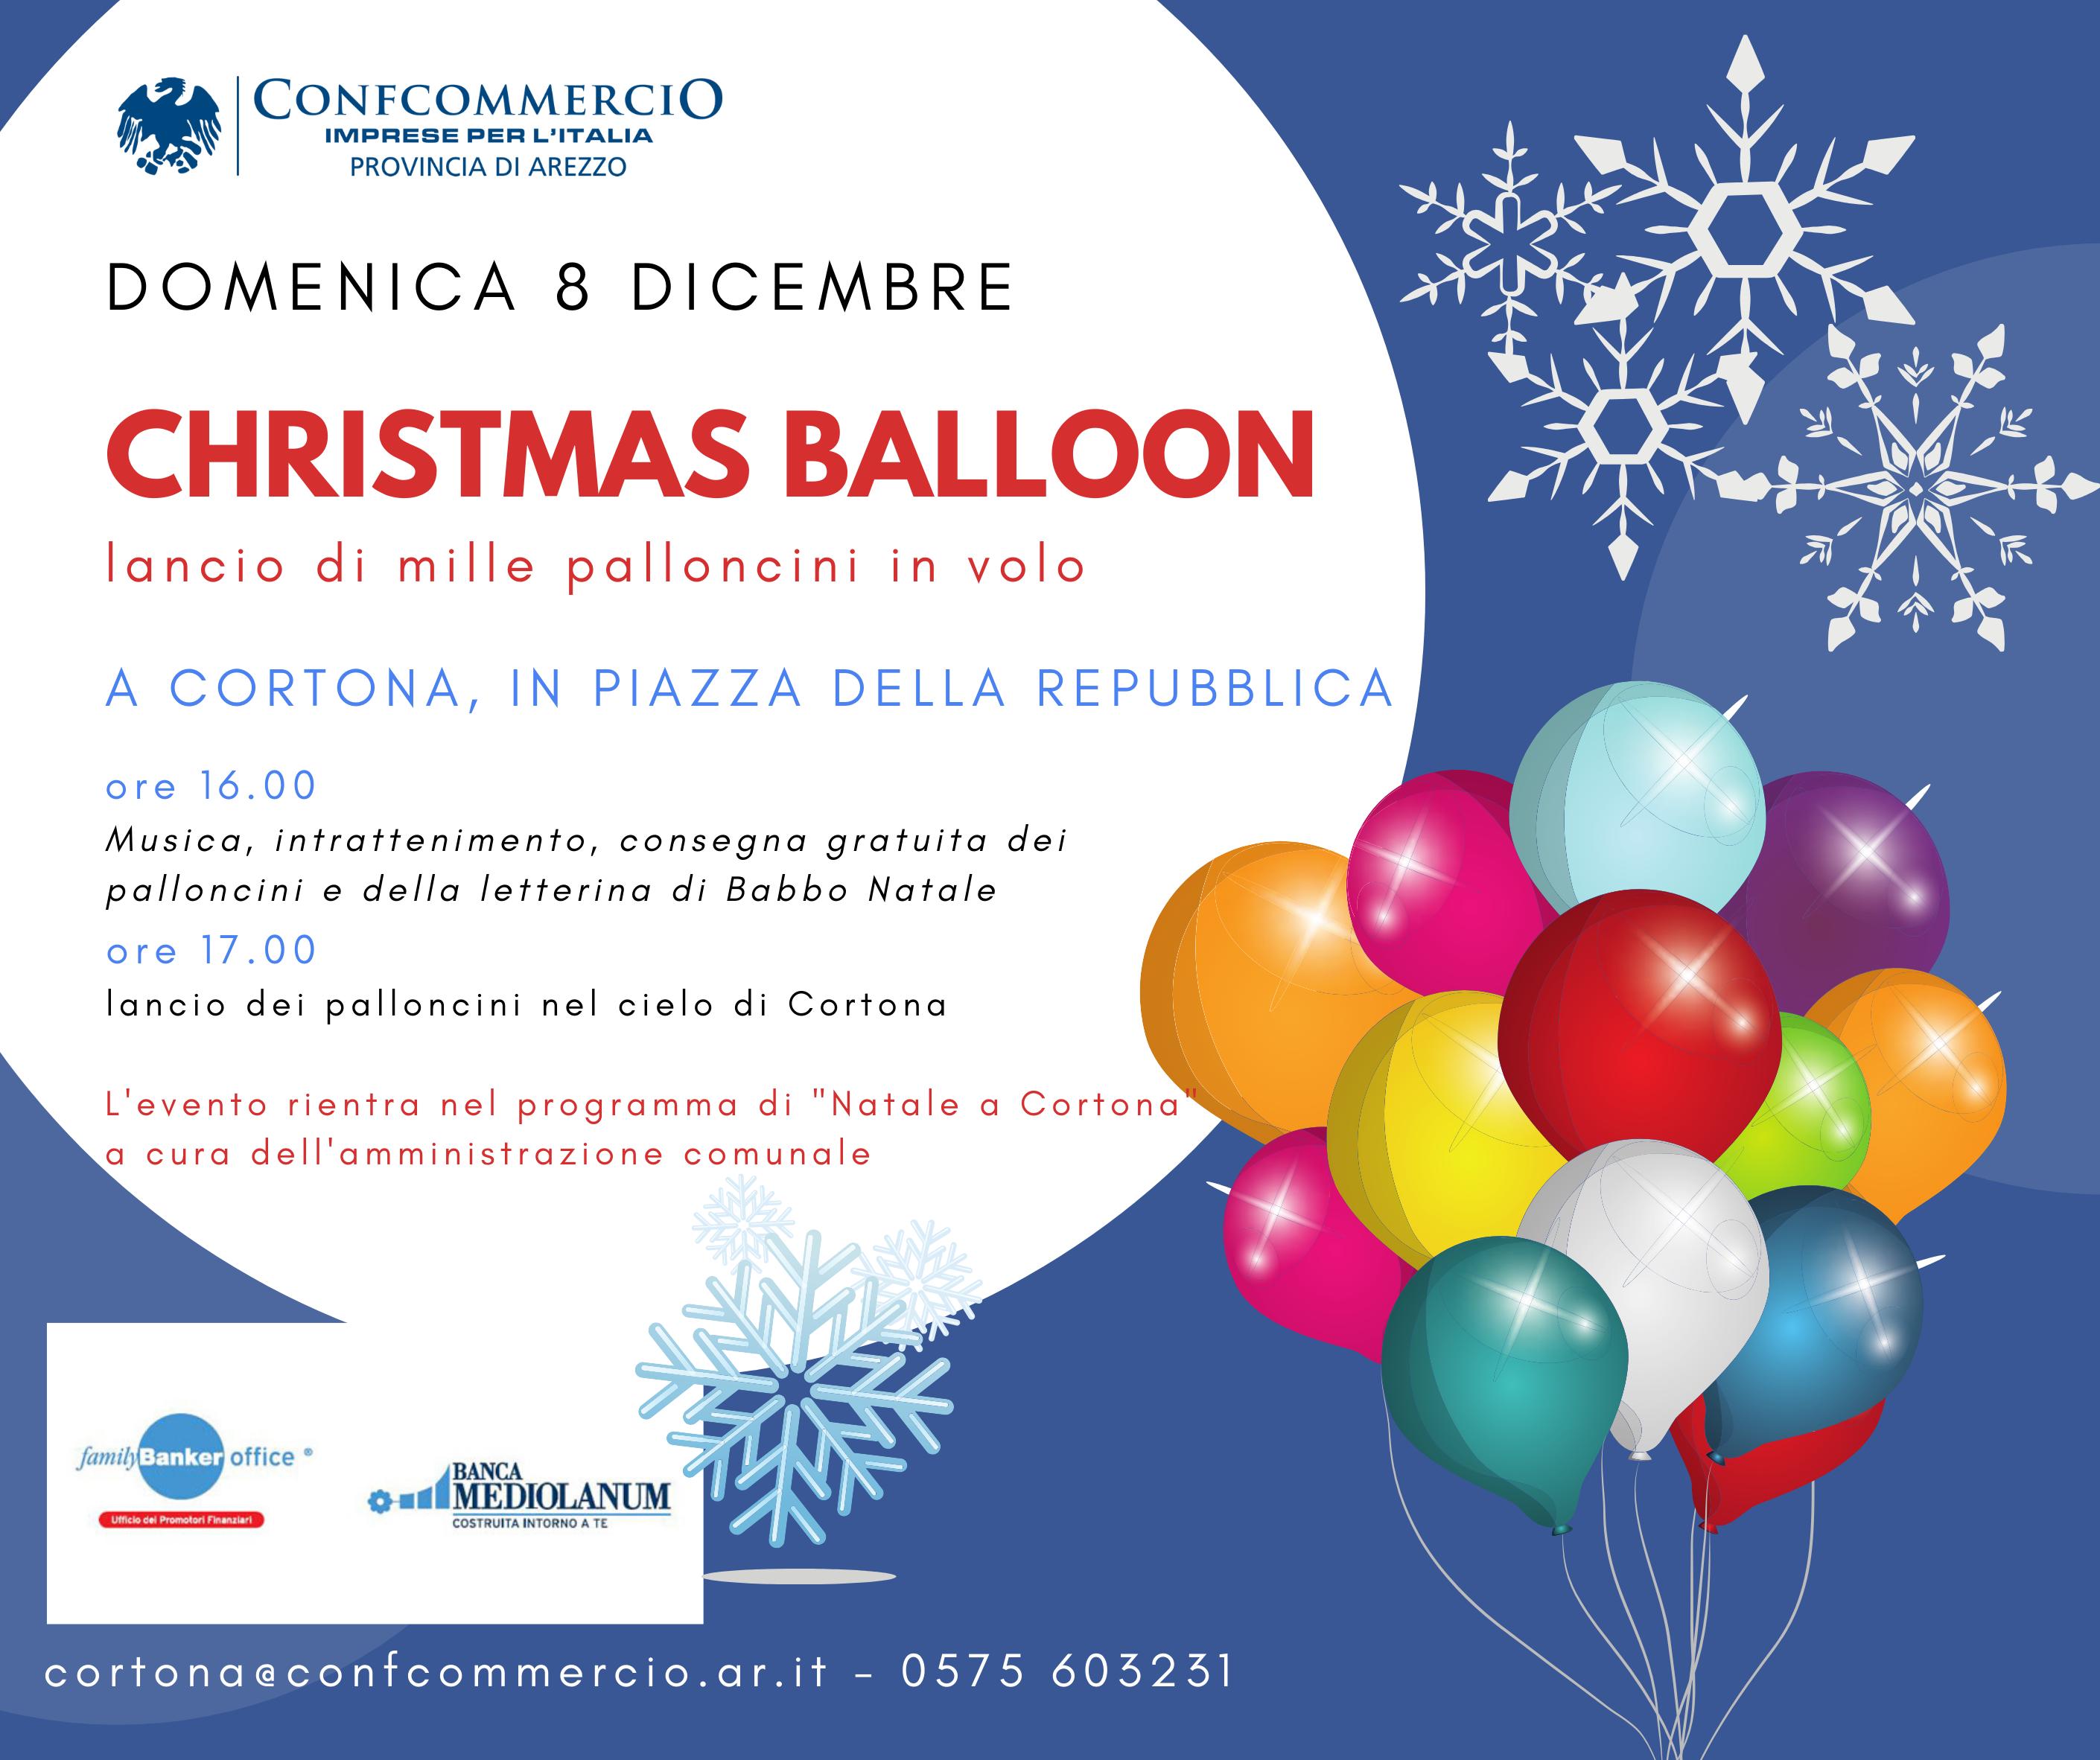 Natale a Cortona: